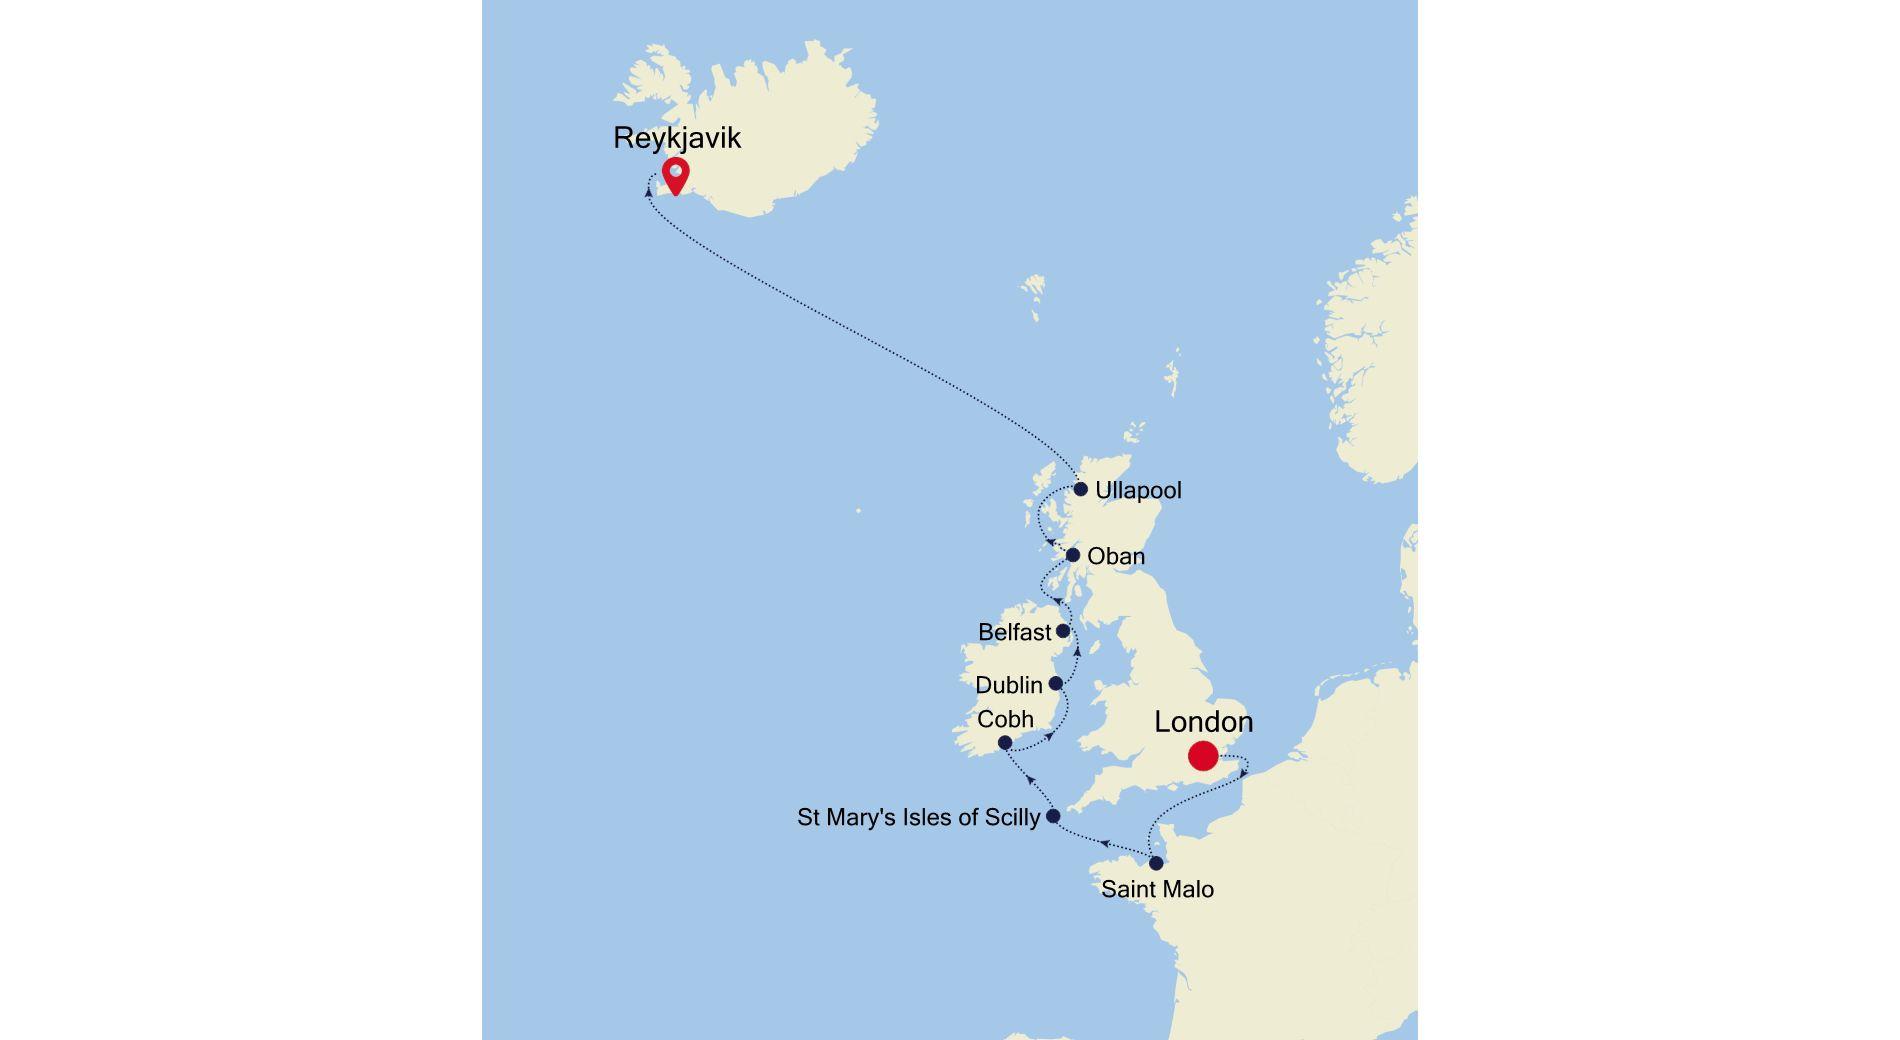 2921 - London a Reykjavik